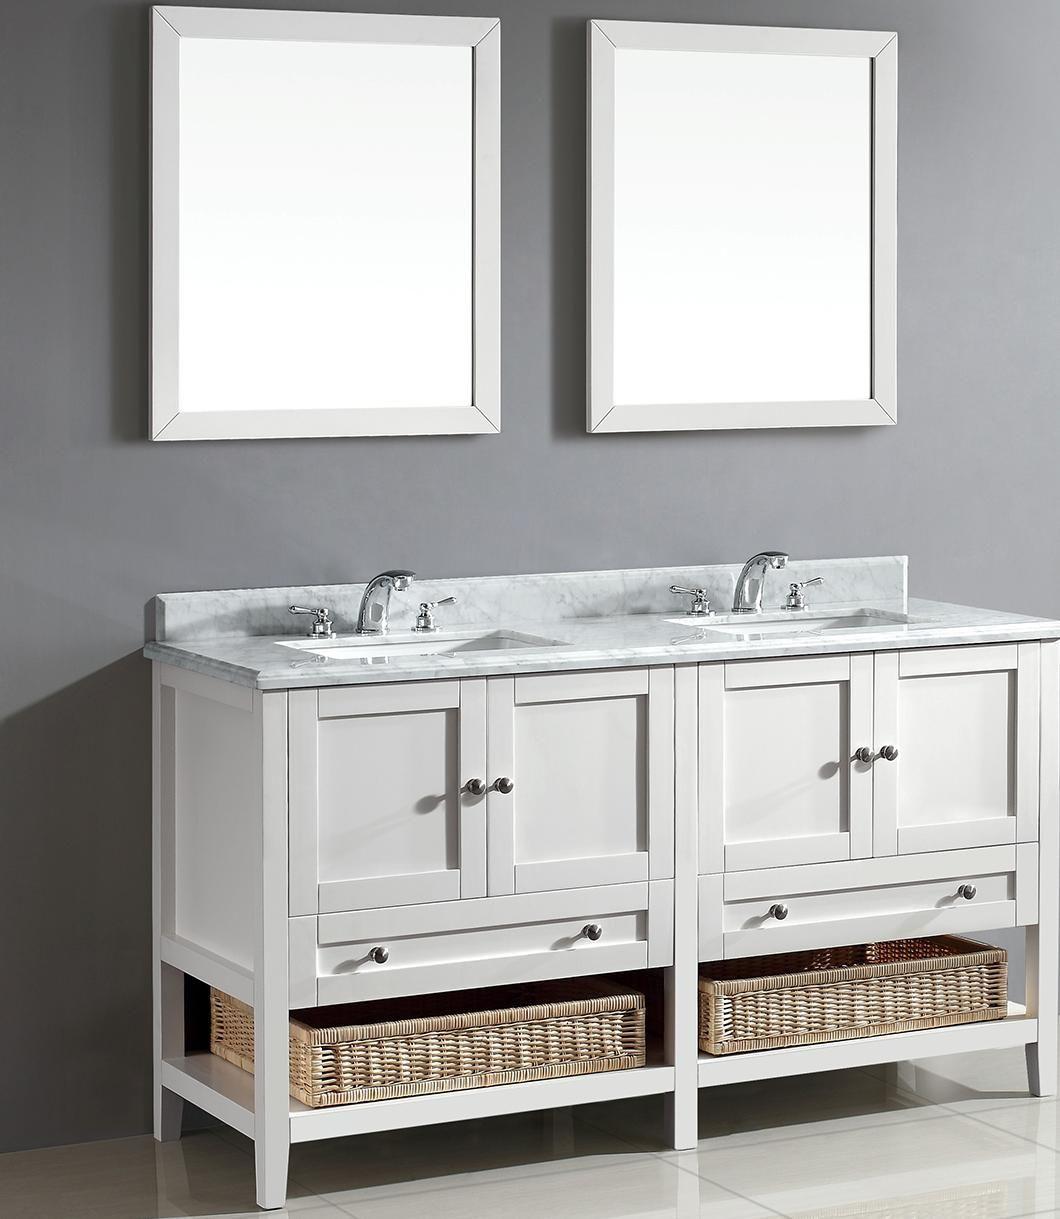 19 Deep Bathroom Vanity Cabinets Bathroom Vanity Bathroom